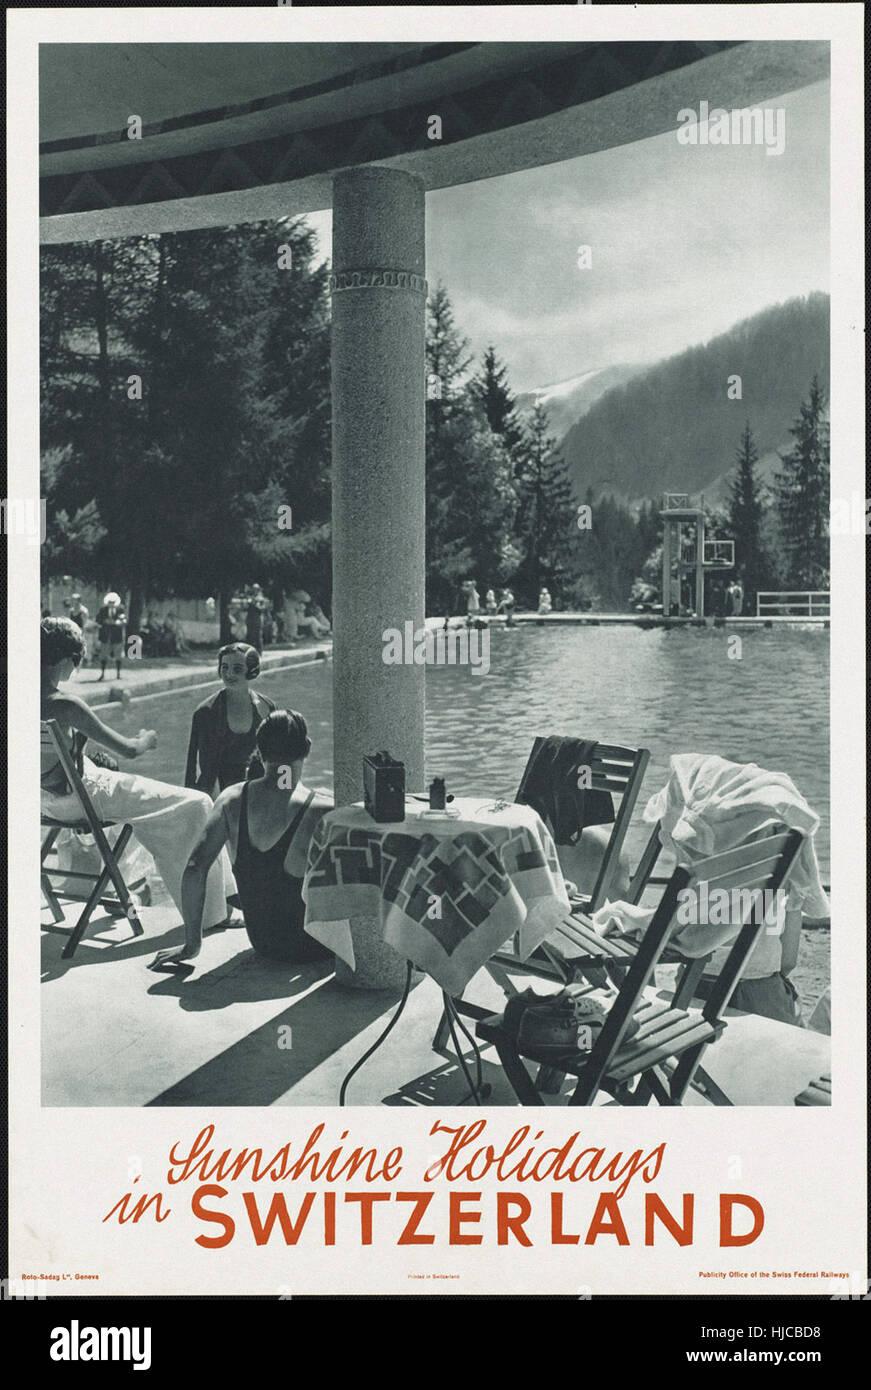 Sonnenschein reisen in der Schweiz - Vintage Reise Poster der 1920er Jahre der 1940er-Jahre Stockfoto